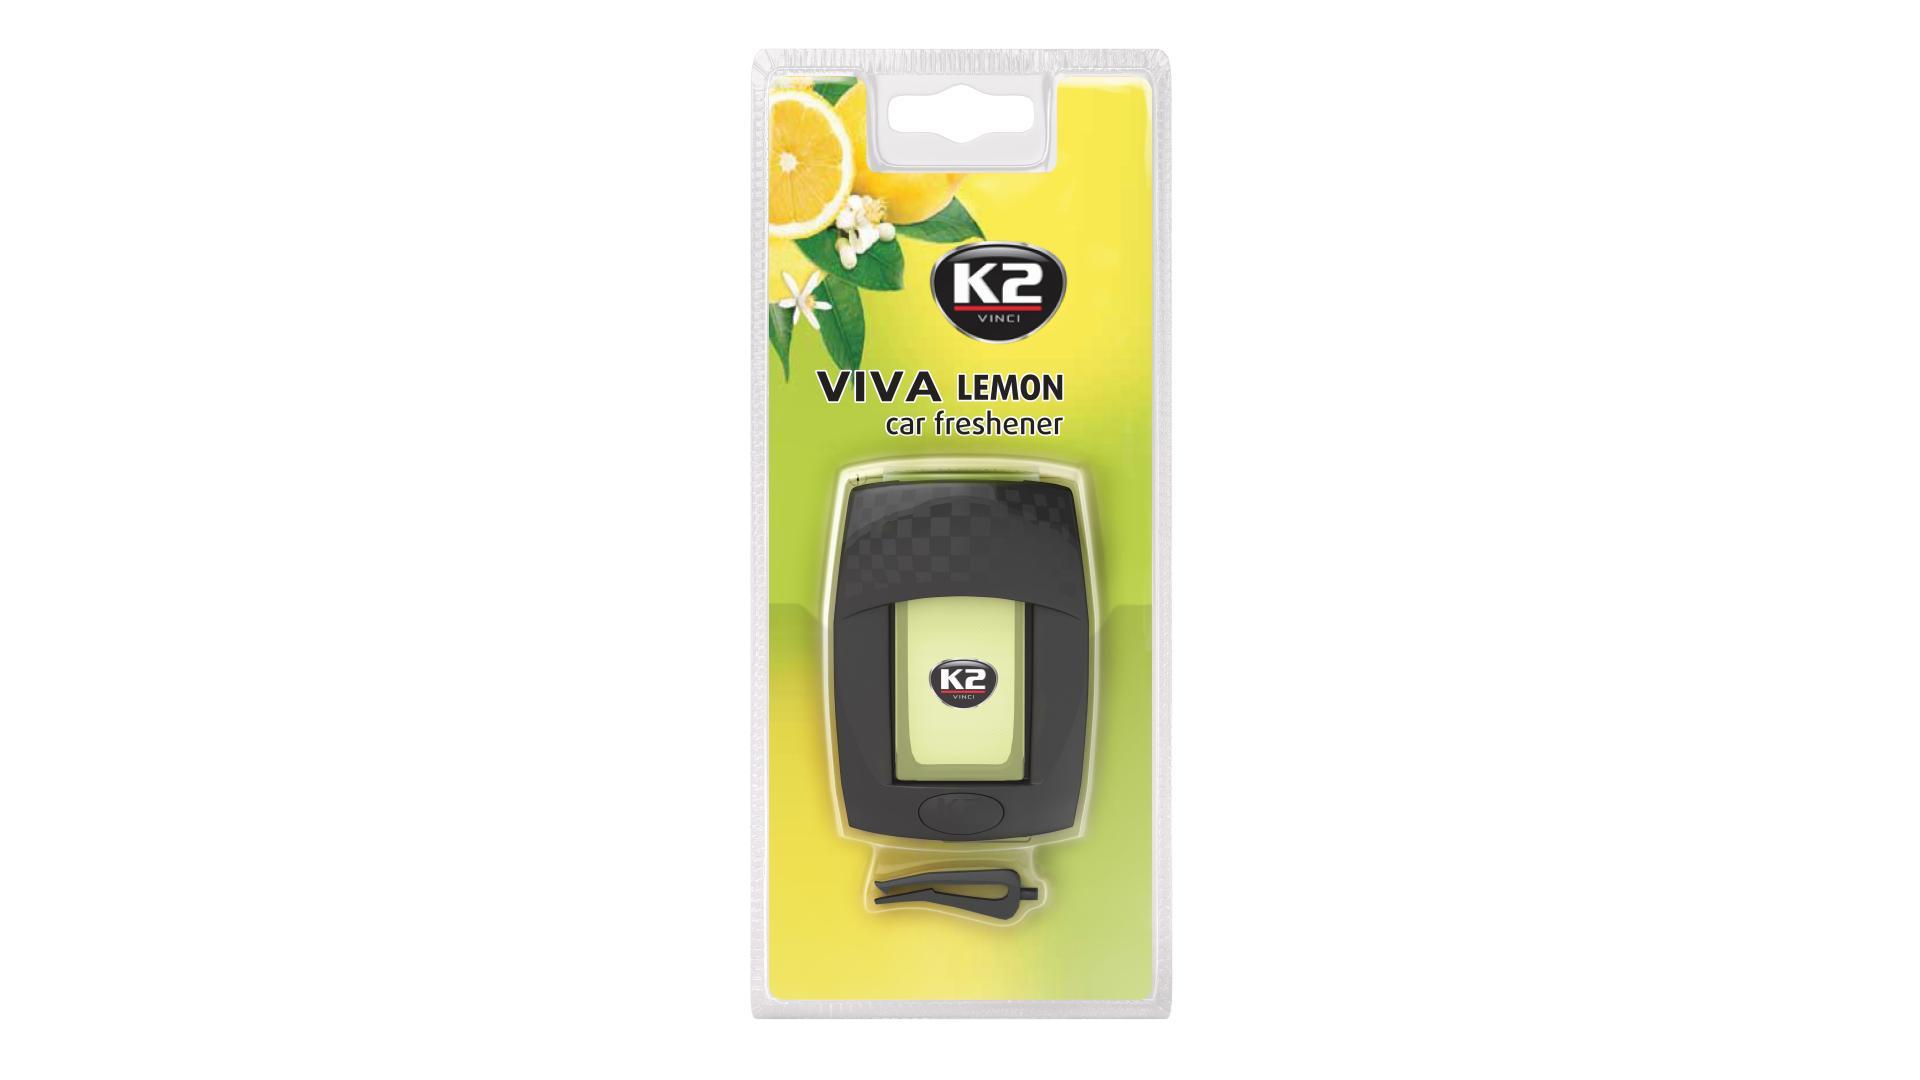 K2 VIVA LEMON